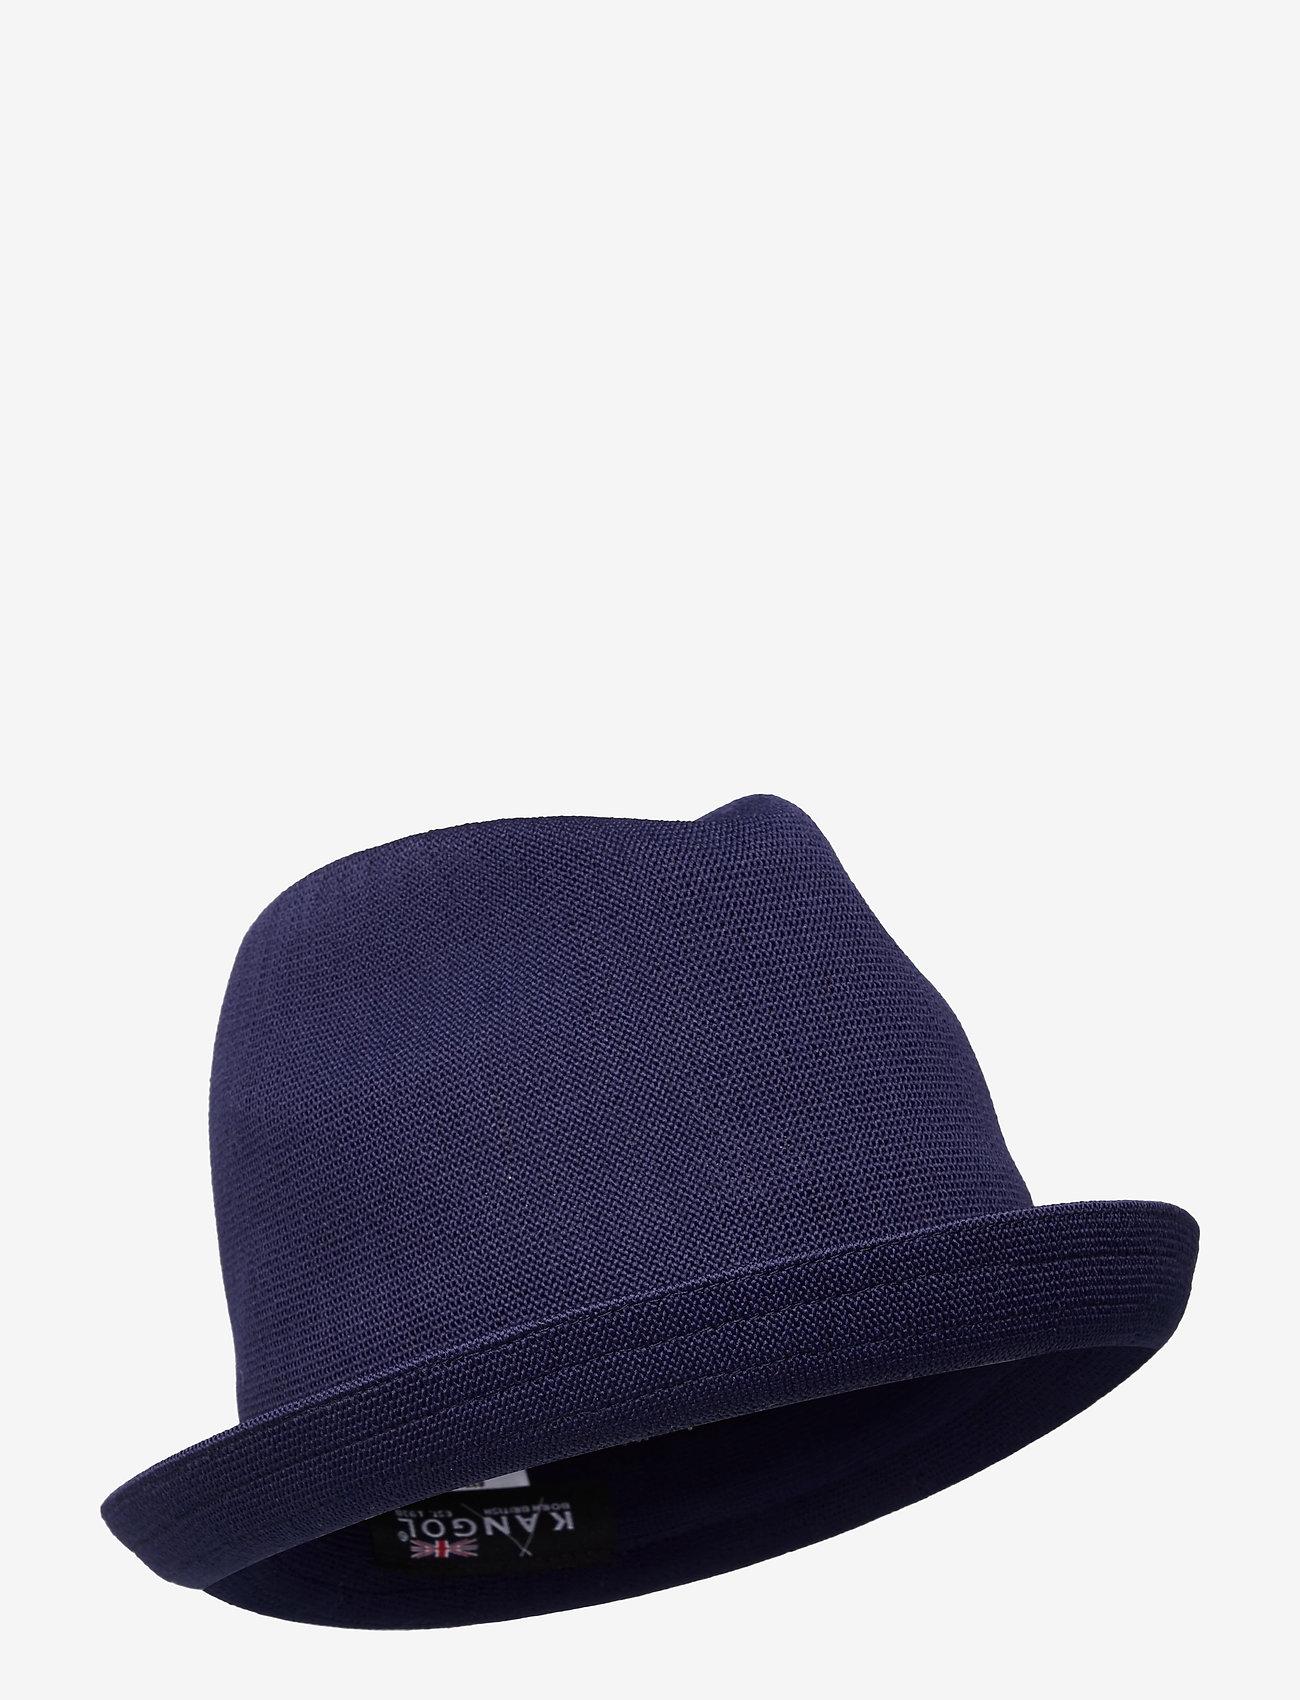 Kangol - KG TROPIC PLAYER - chapeaux - navy - 0